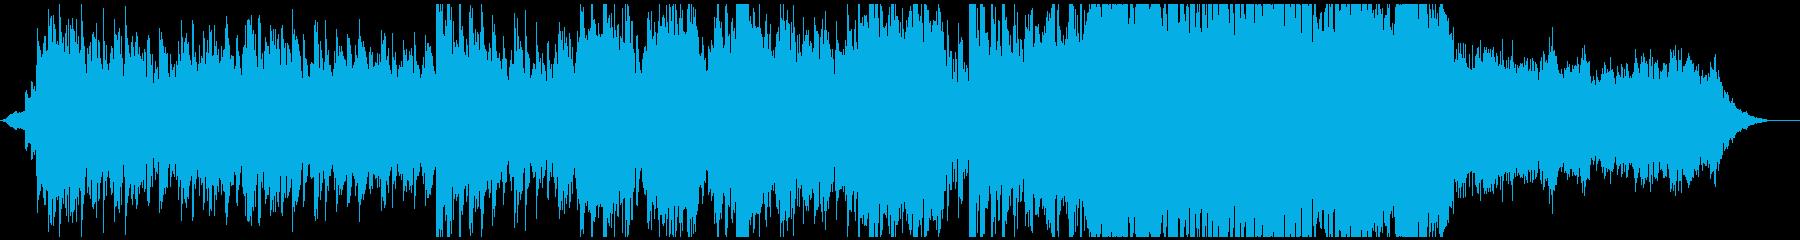 退廃的なホラーBGMの再生済みの波形